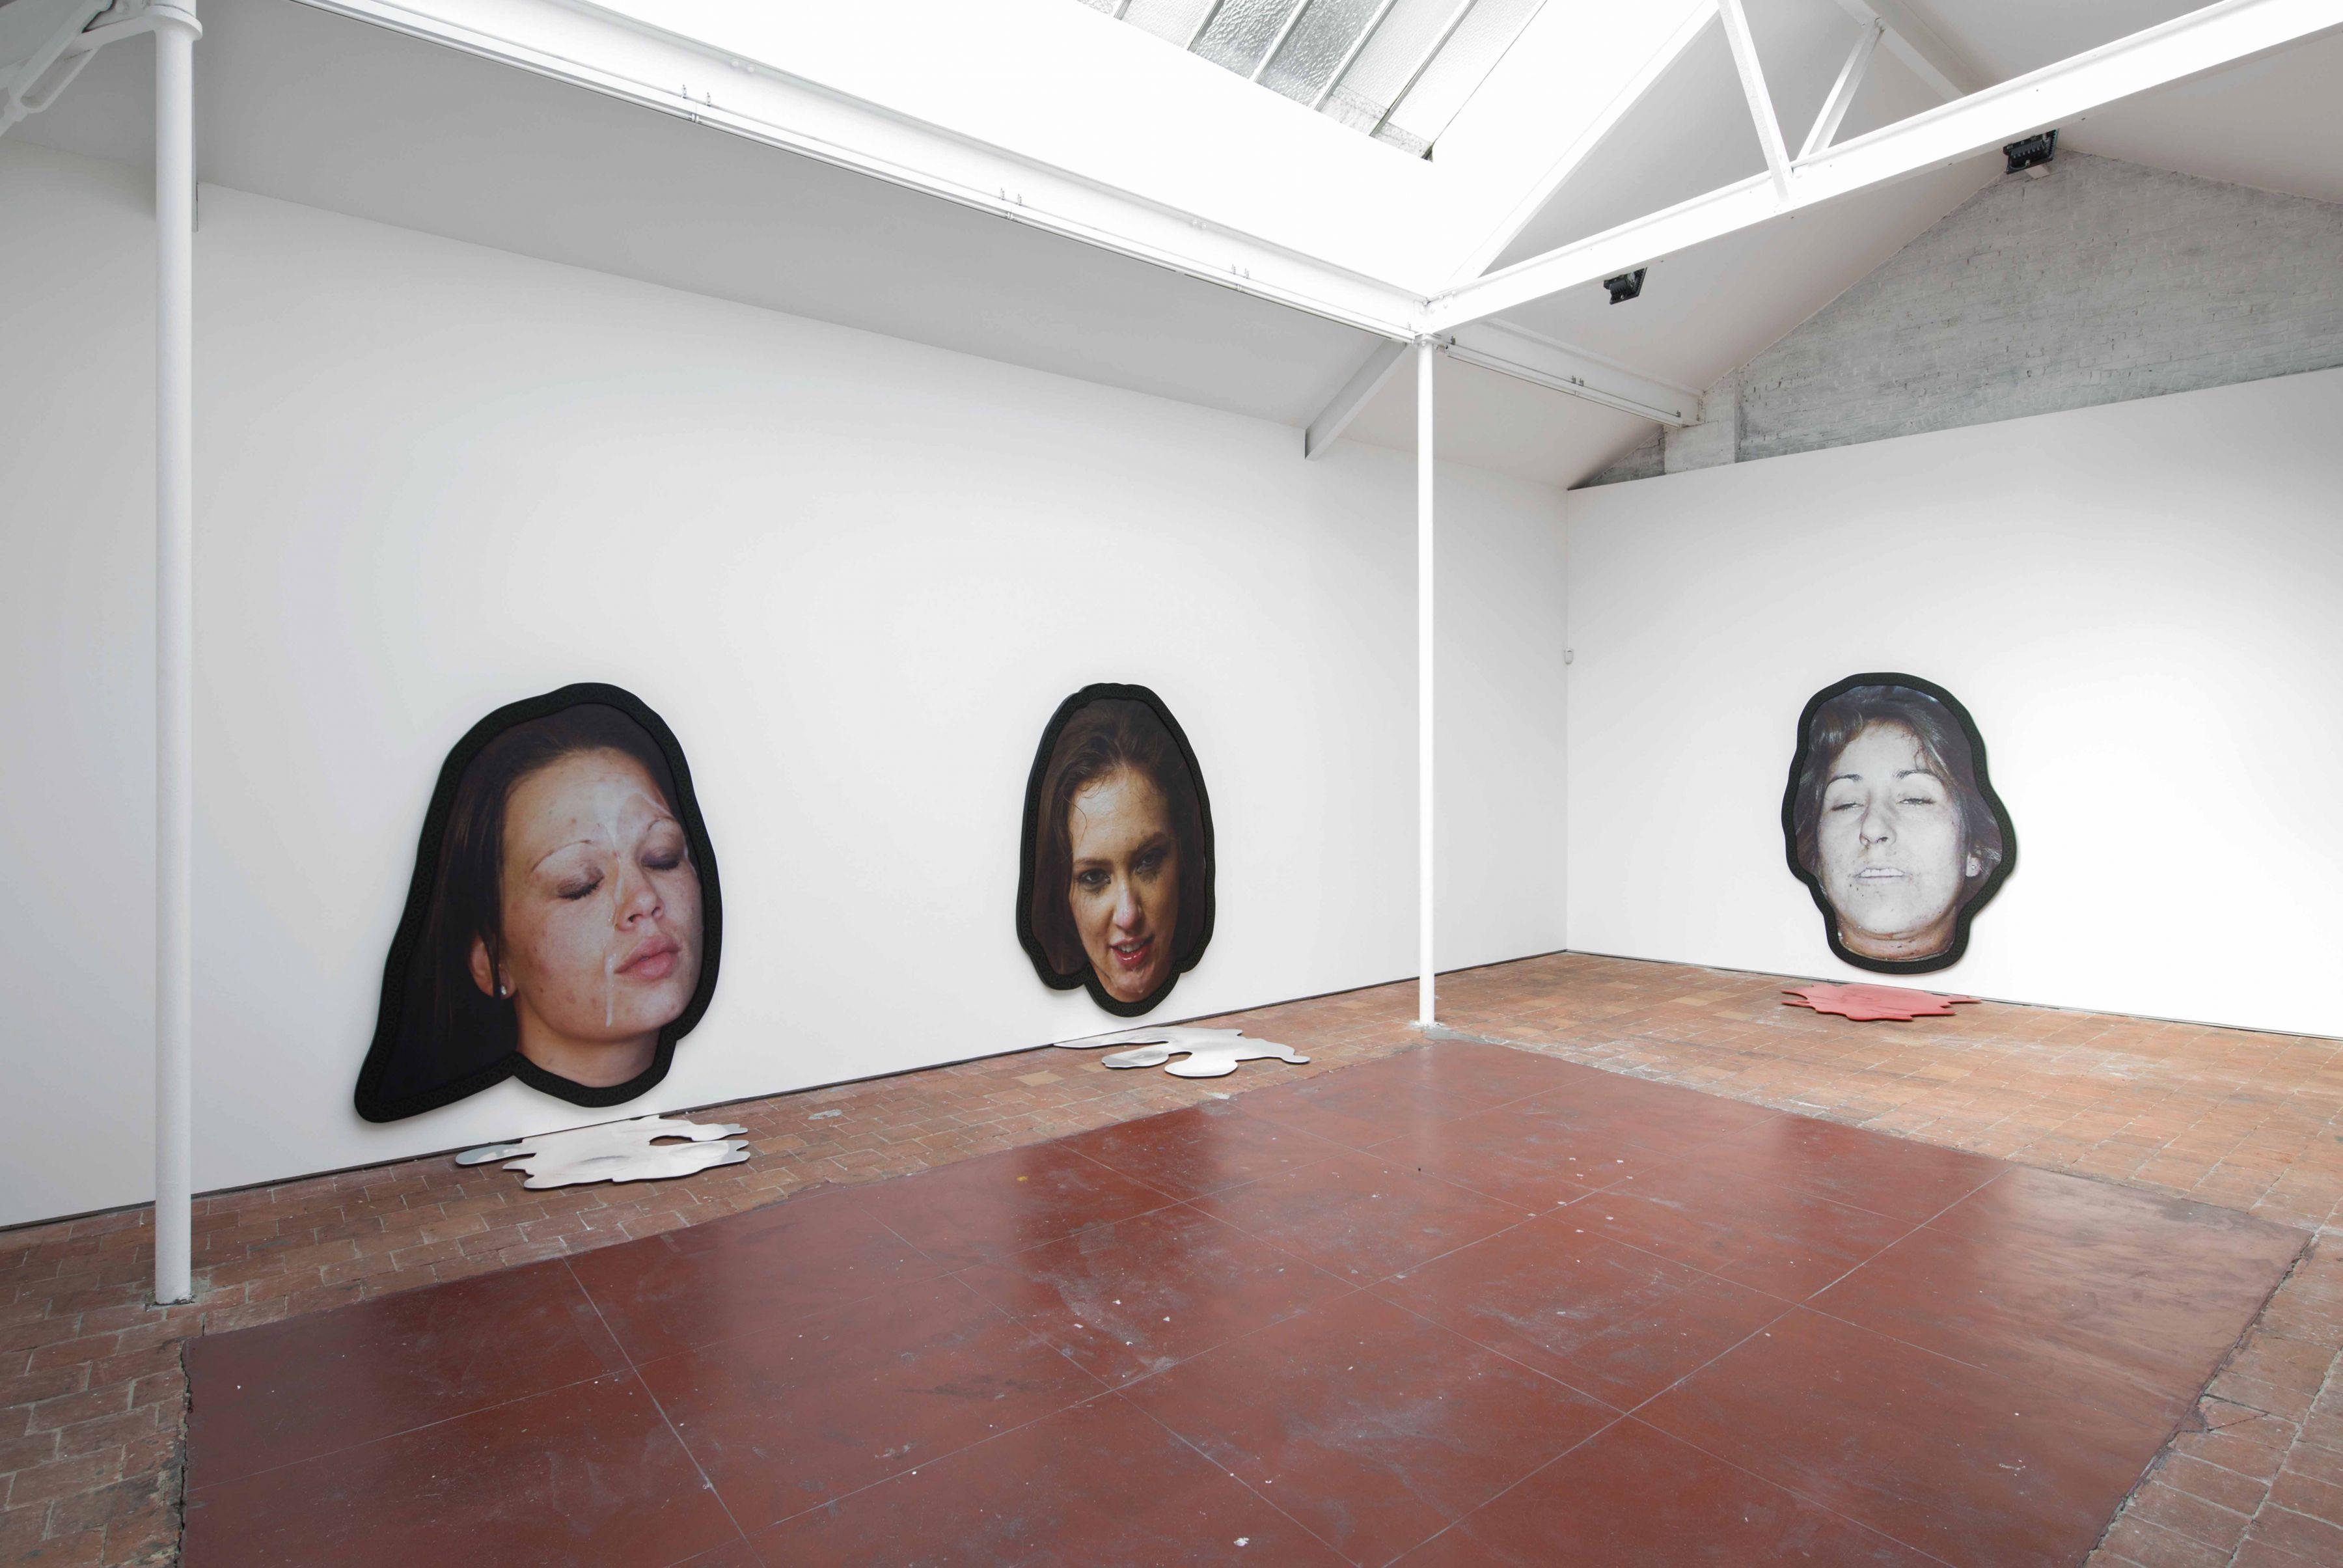 Darja Bajagíc presented by Carlos/Ishikawa at Independent Régence, 2017